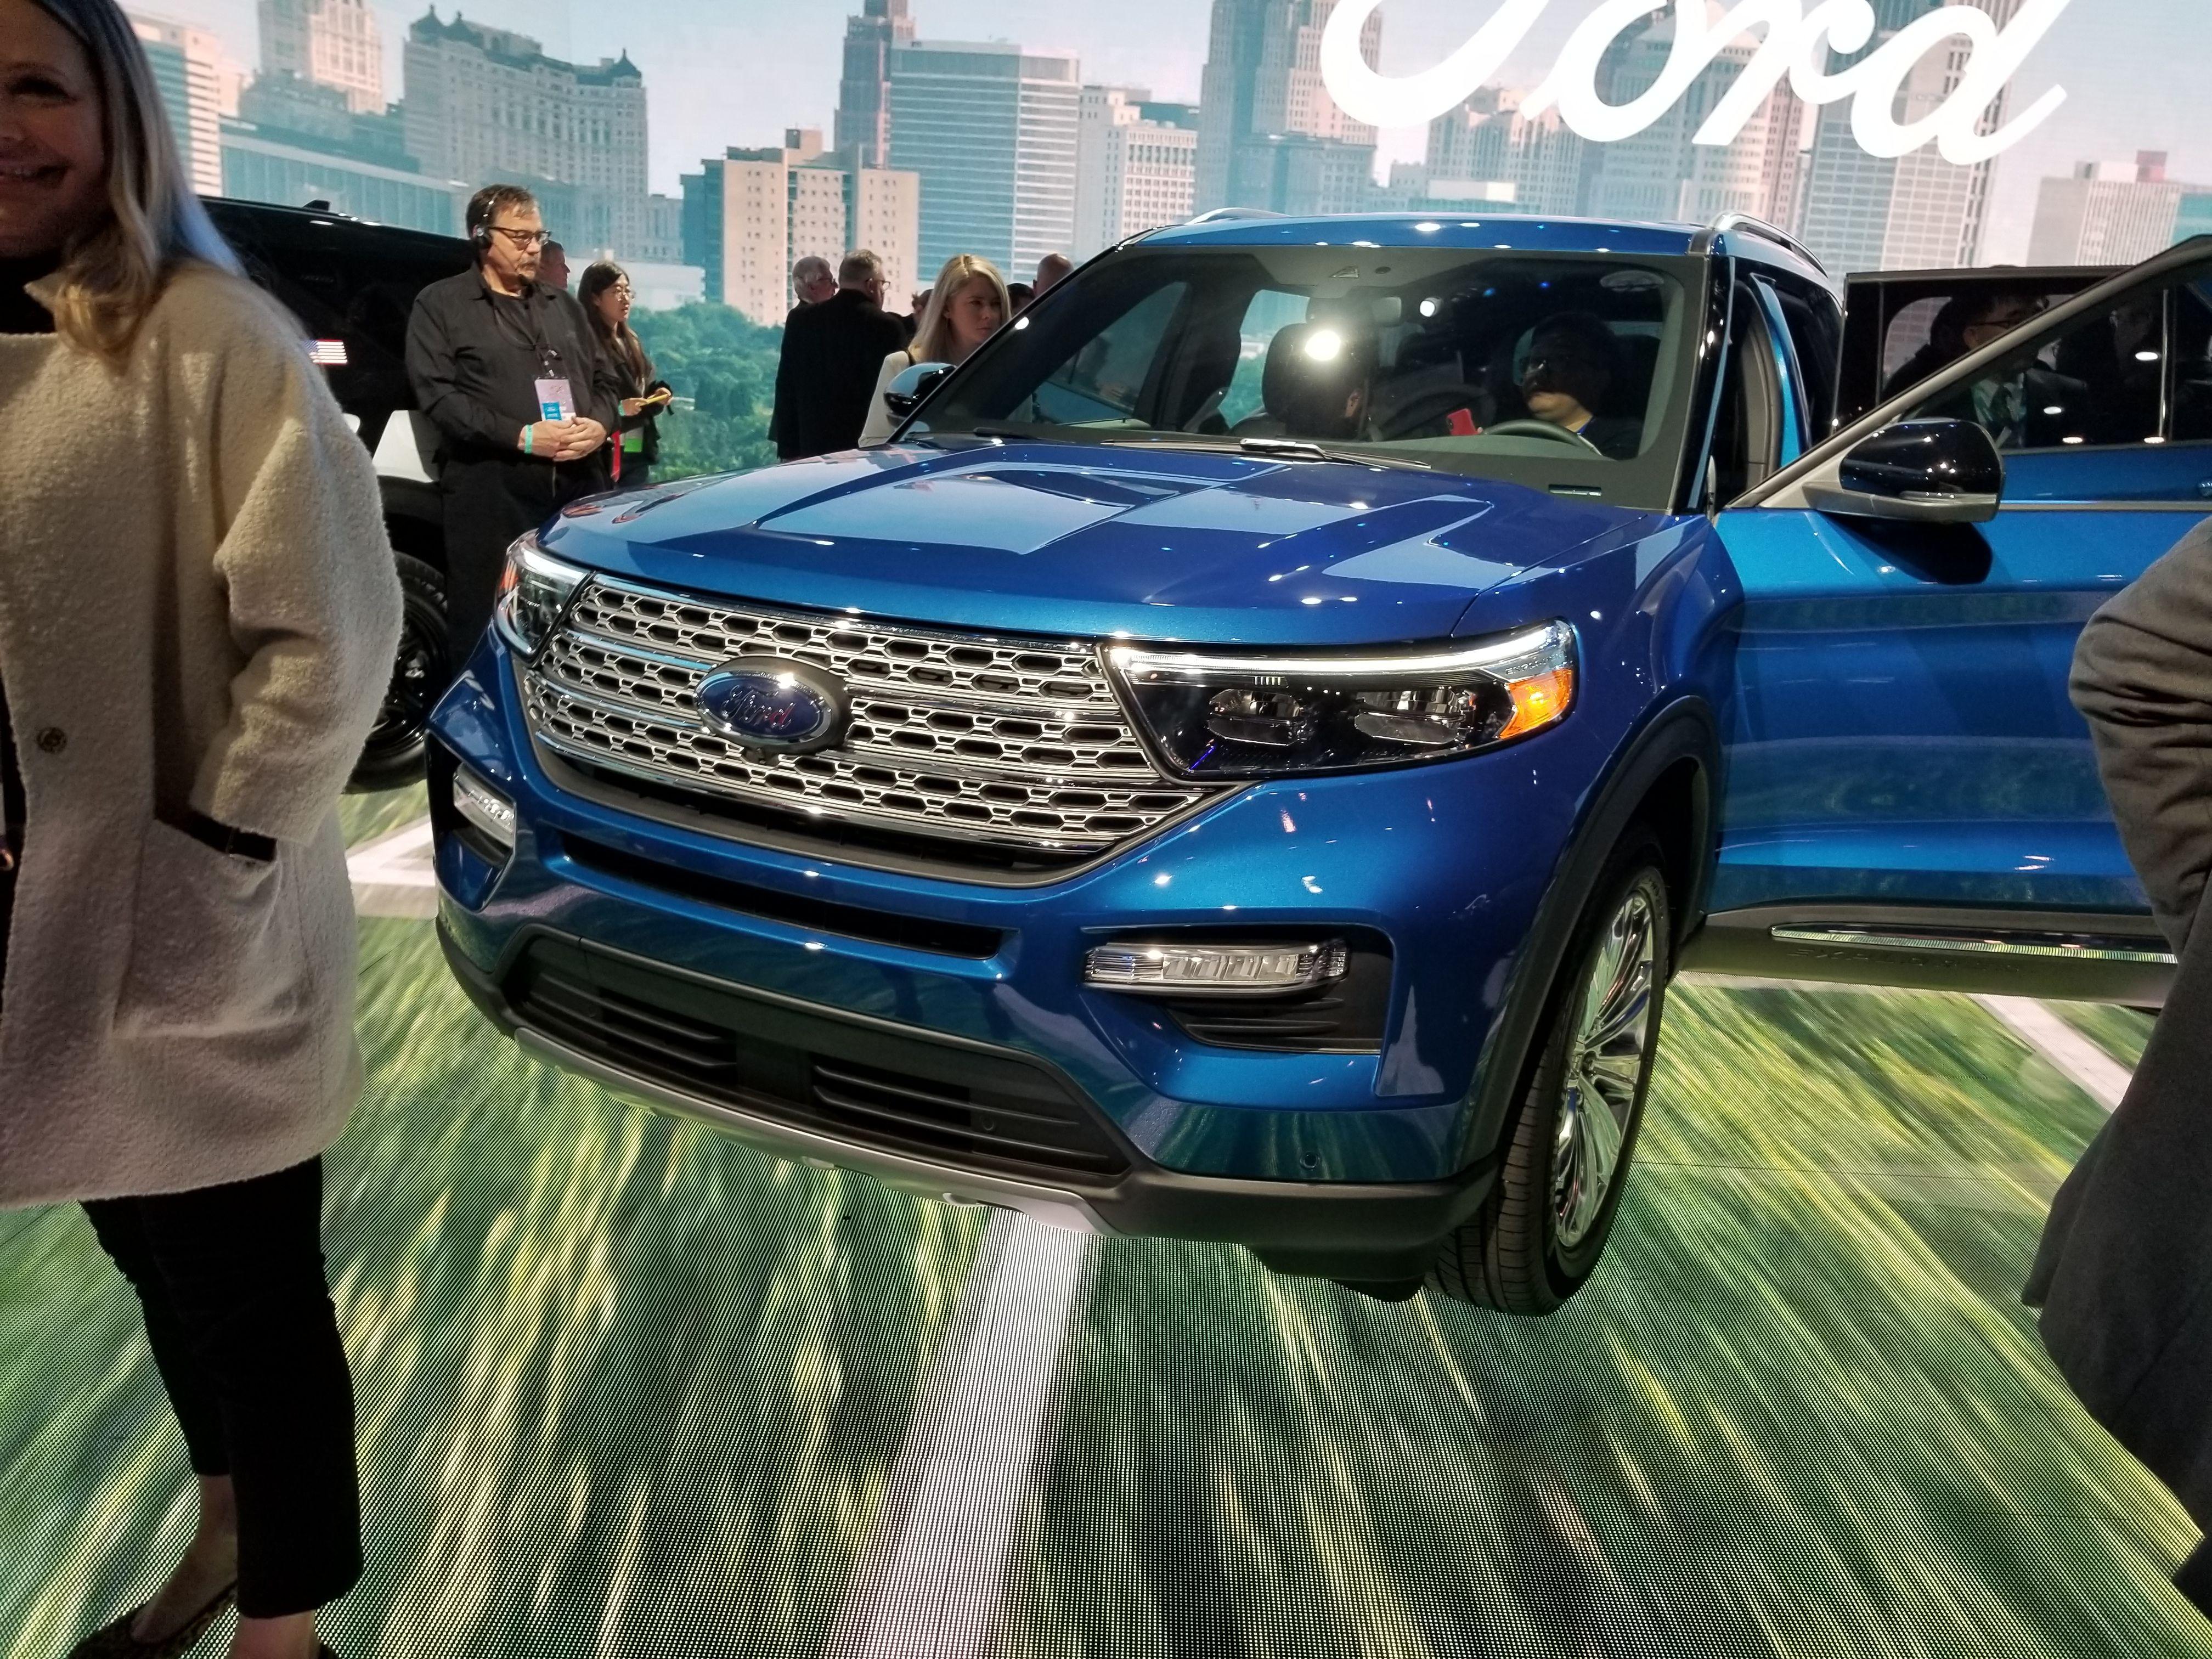 2020 Ford Explorer Hybrid Promises 500 Miles Range 2020 Ford Explorer Ford Explorer Hybrid Ford Explorer